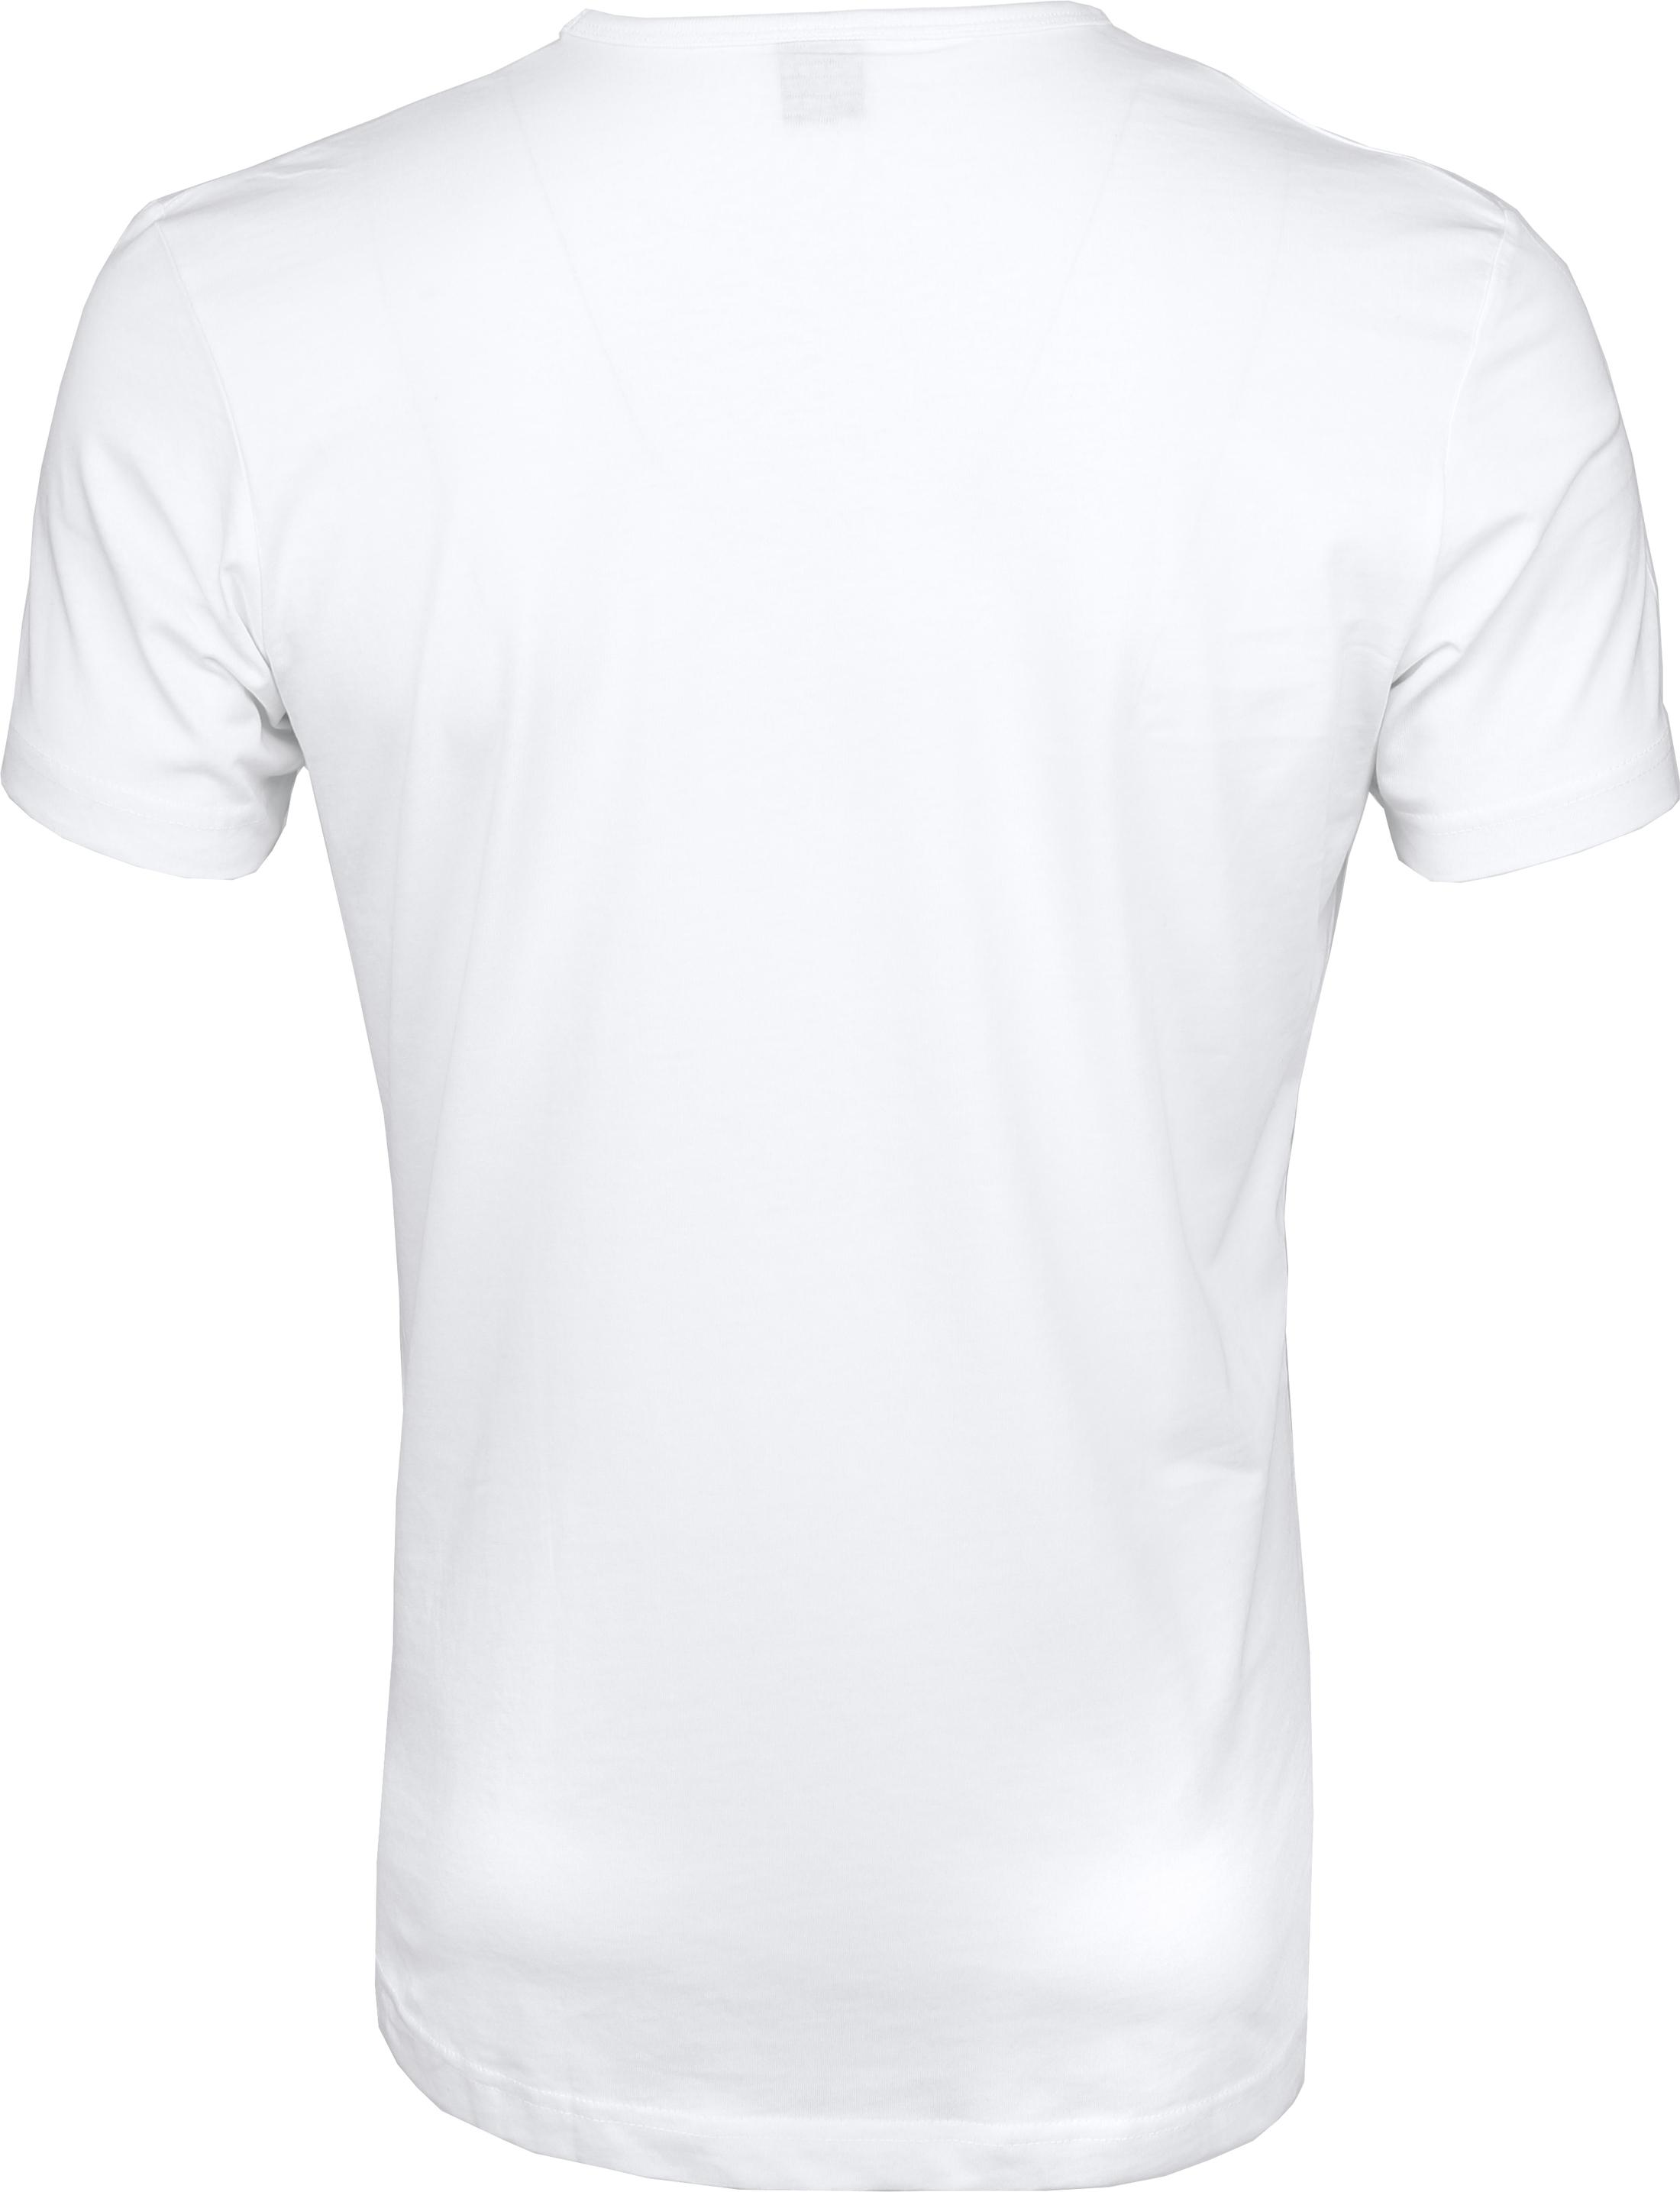 T-Shirt Rund Hals 6-Pack (6 Stück) Weiß foto 5